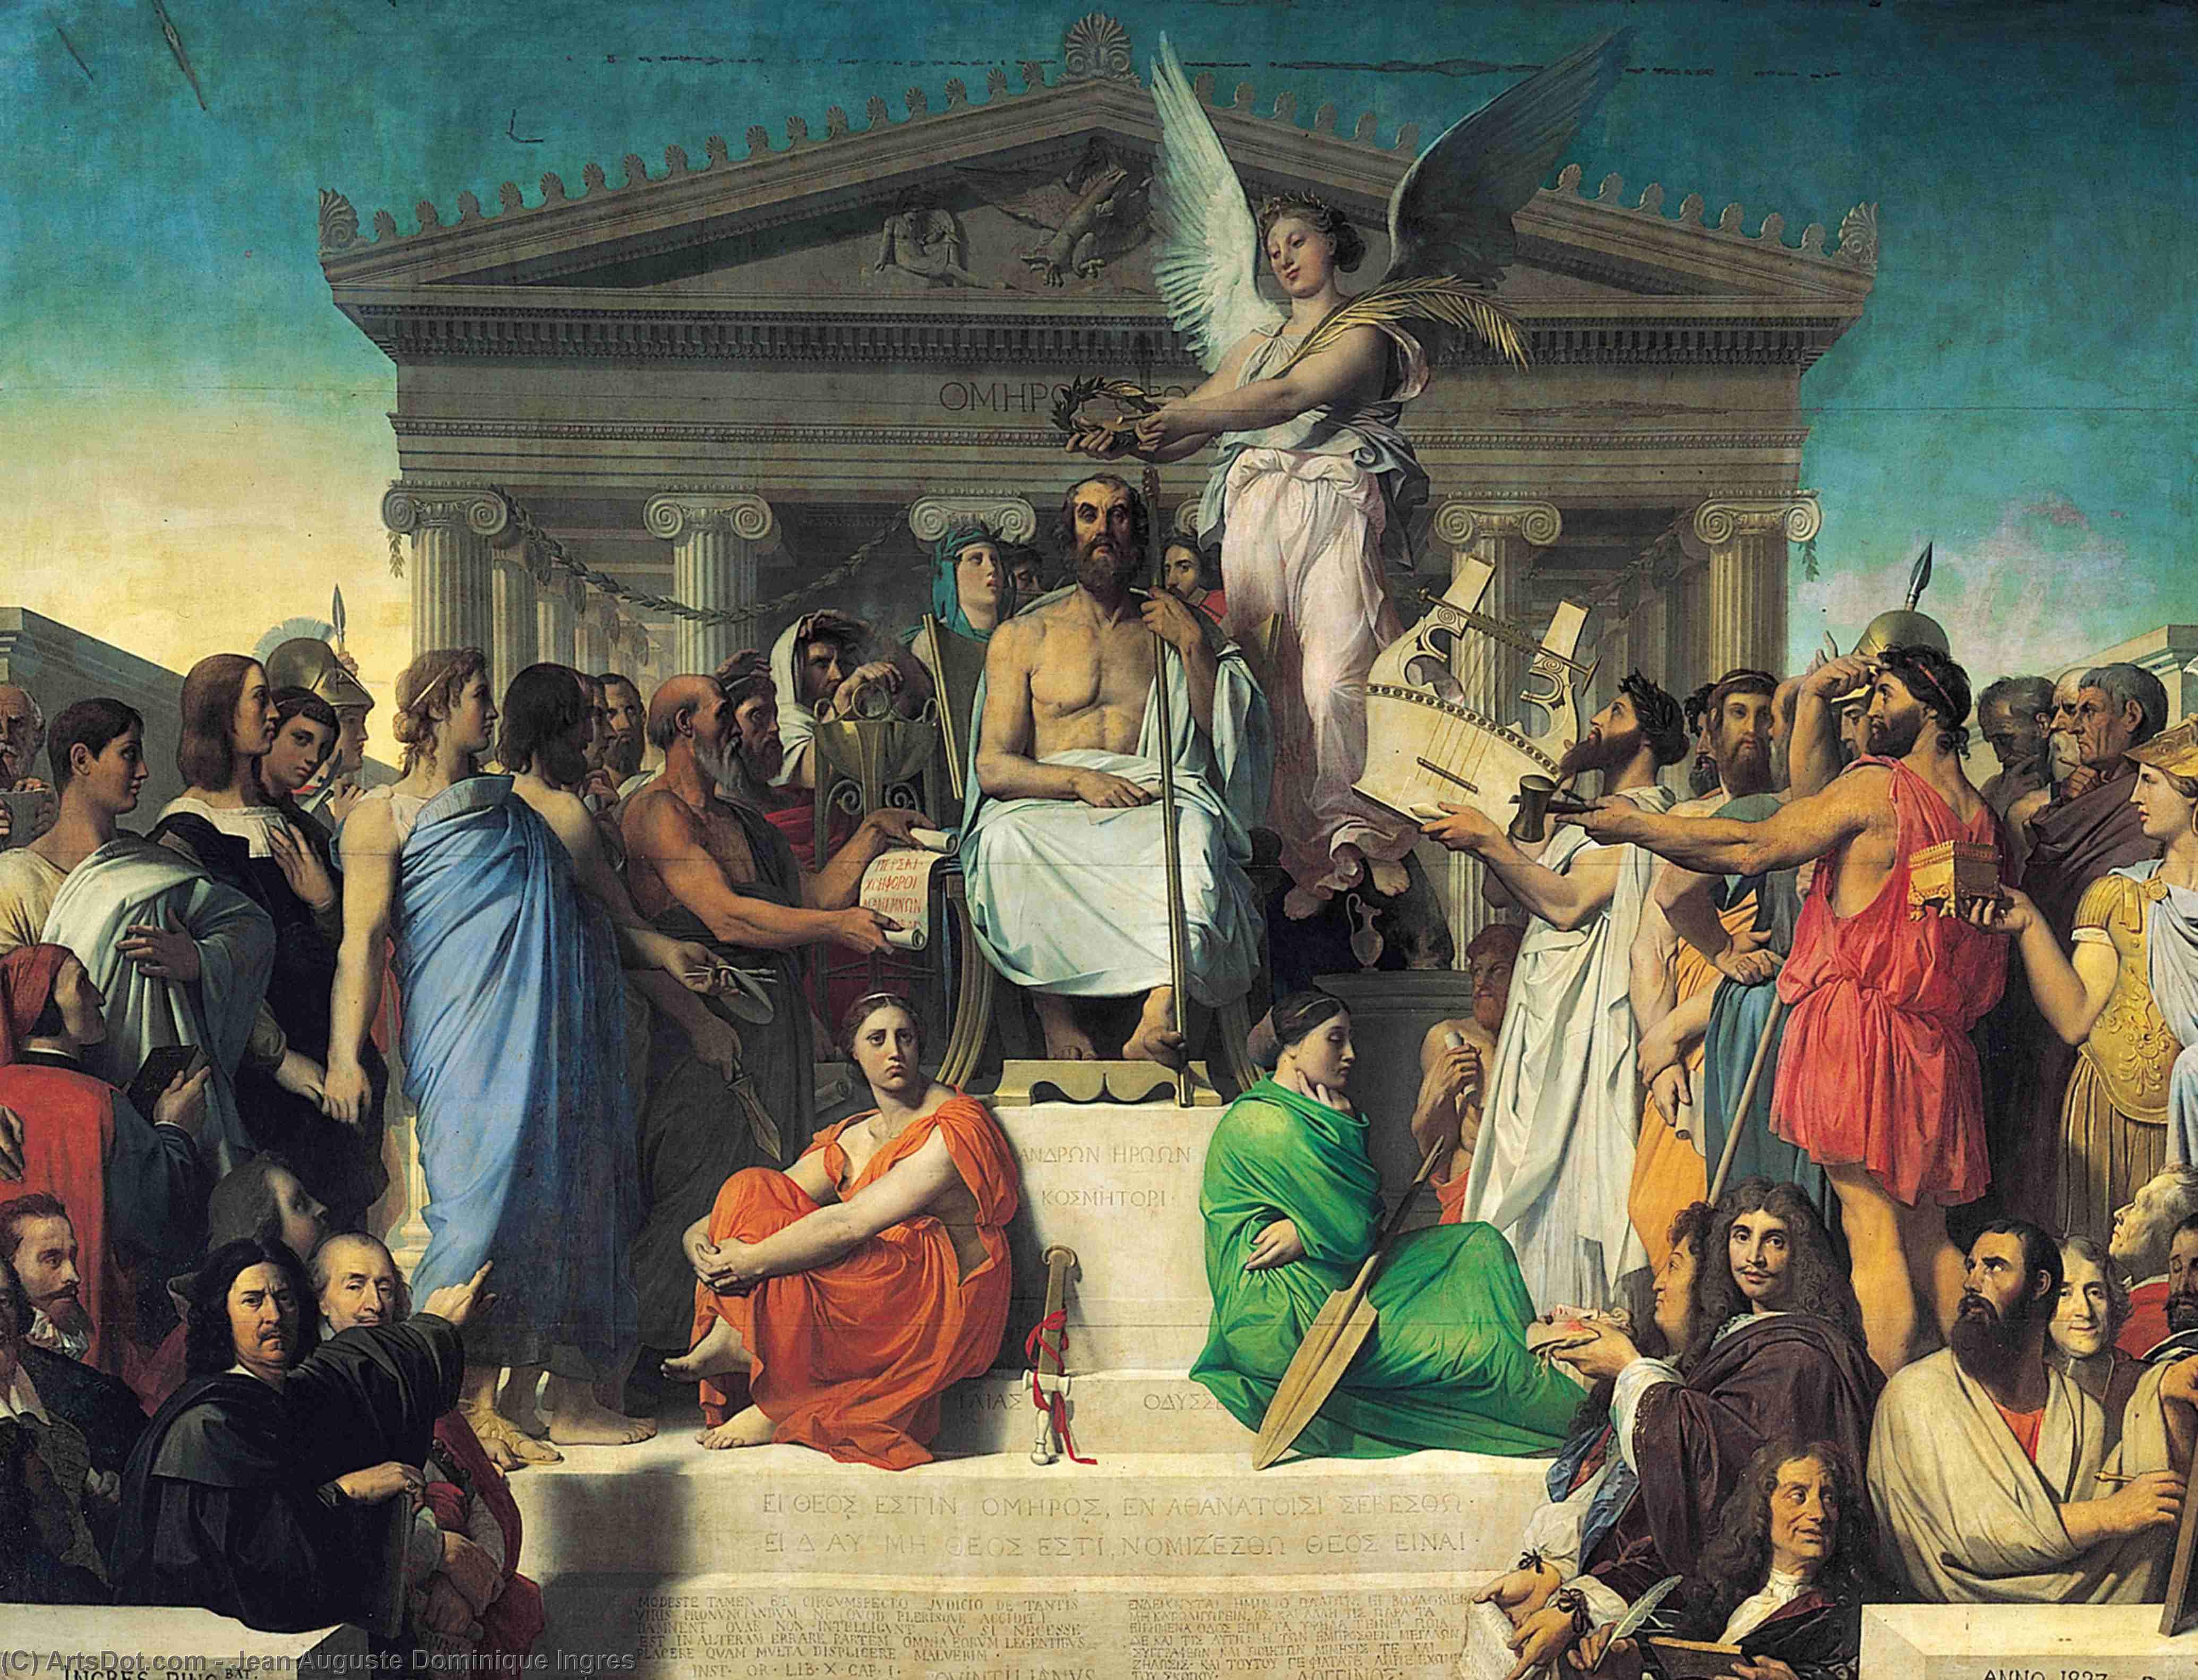 Figura 2 - J.-A.-D. Ingres. A apoteose de Homero (1827). Paris, Musée du Louvre.